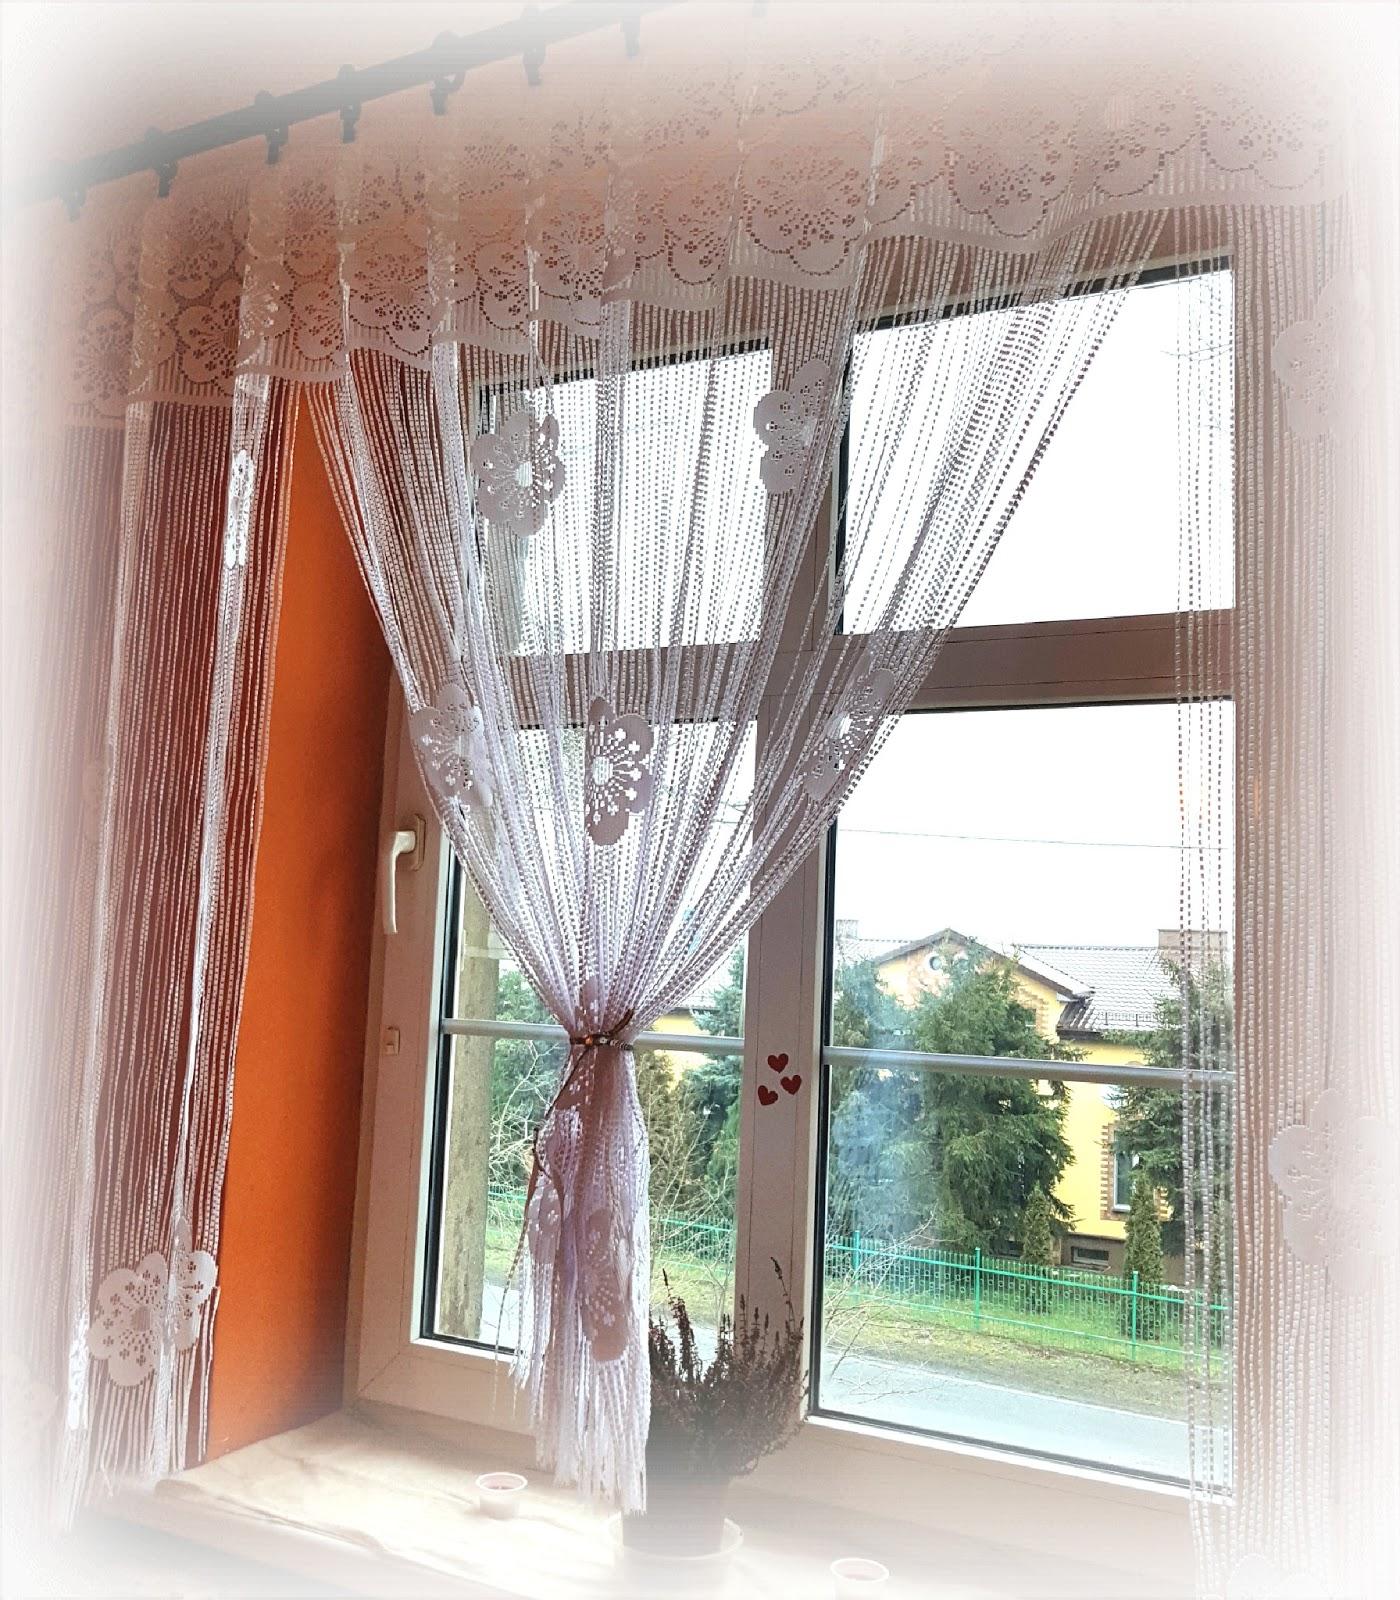 Piękne Okna Z Firanami łukowymi Makaroniki Polontex